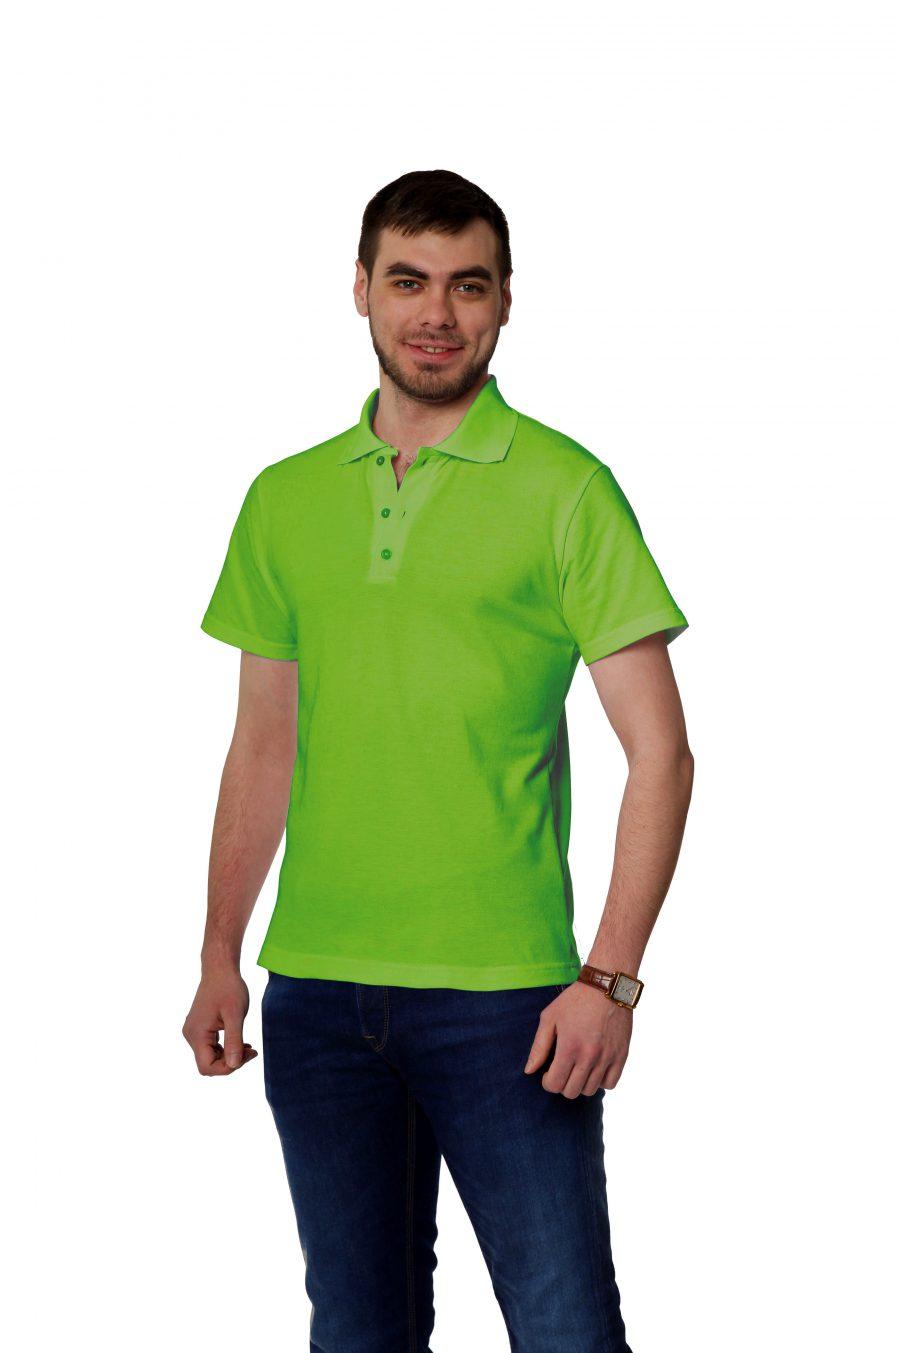 Рубашка-поло KANO MP цвет: зеленое яблоко купить оптом,